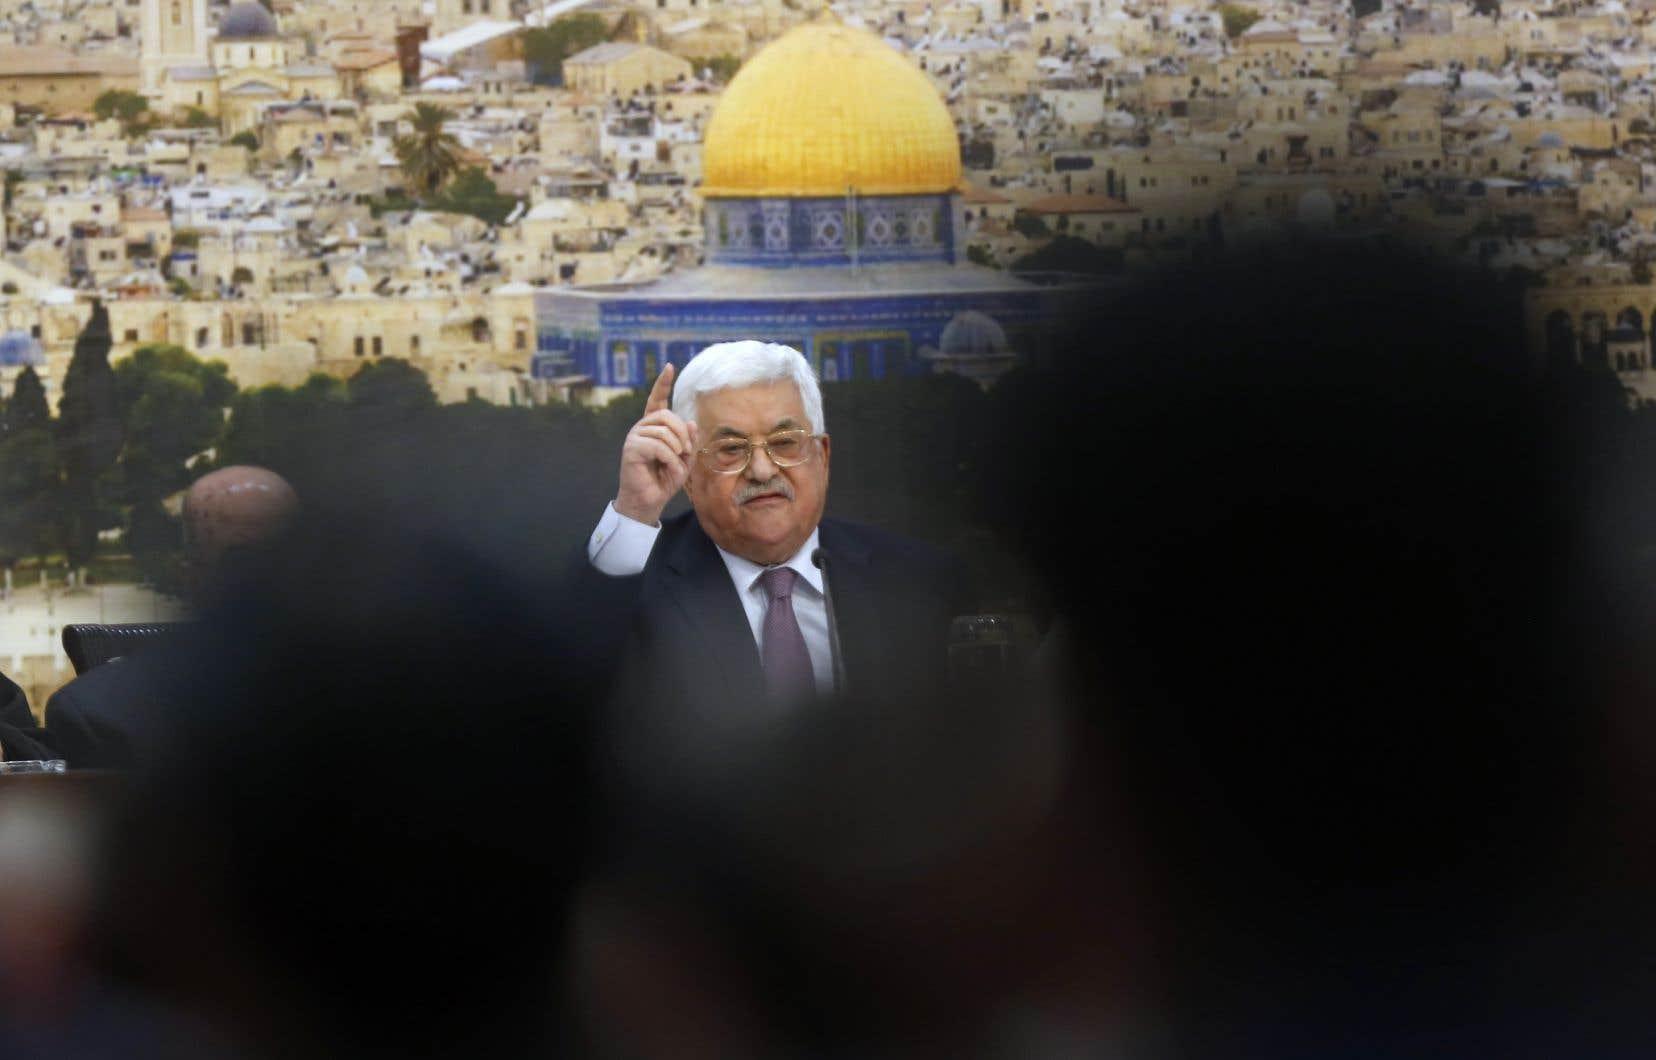 Le président palestinien, Mahmoud Abbas, avait auparavant affirmé que les États-Unis s'étaient disqualifiés comme intermédiaire dans les discussions de paix.